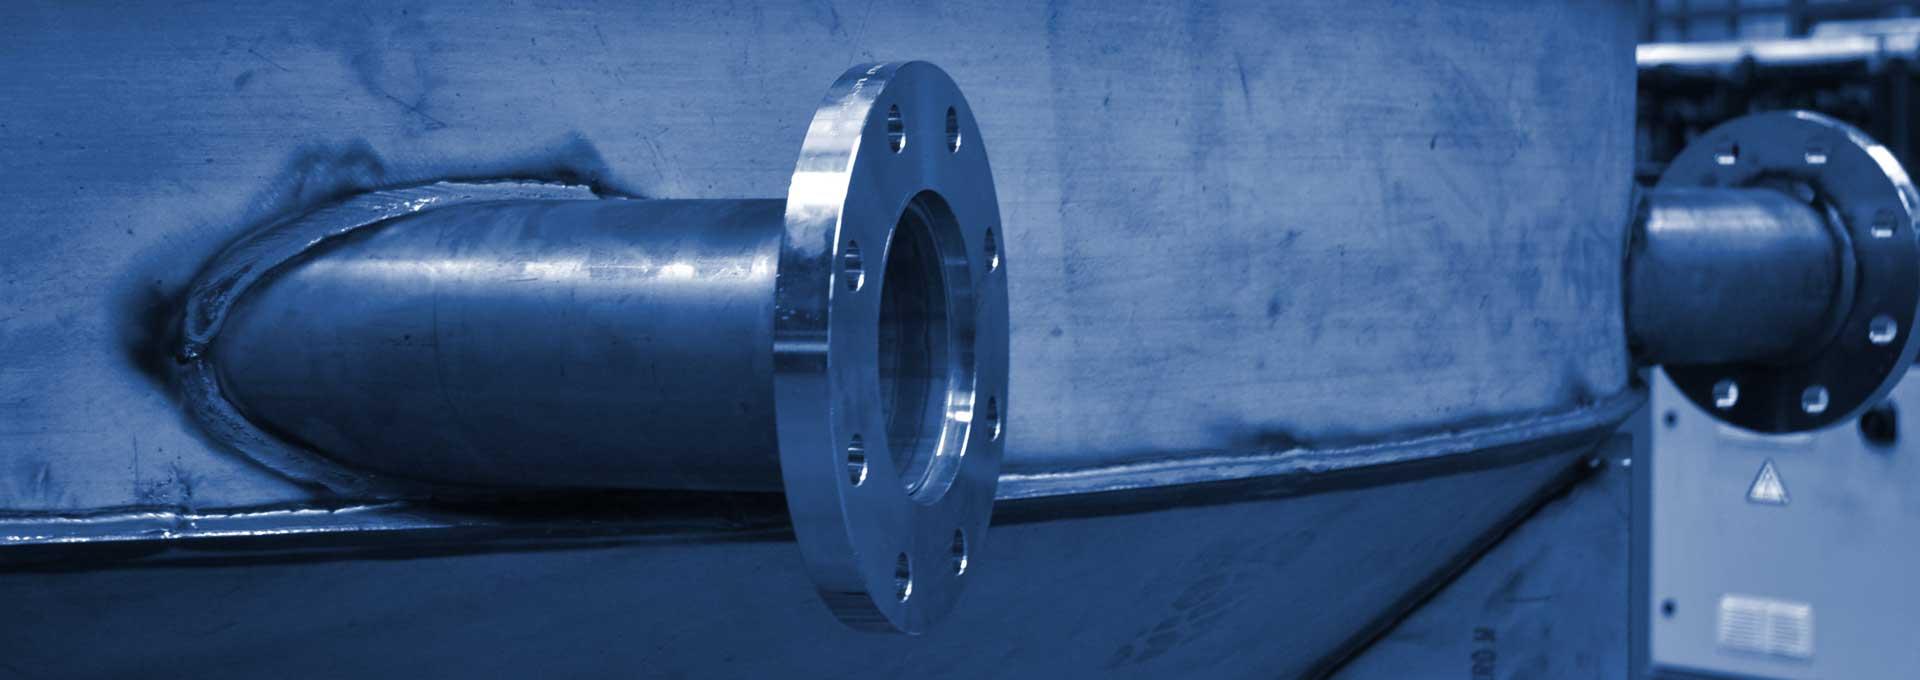 Stahlbau - Hümmler Maschinenbau